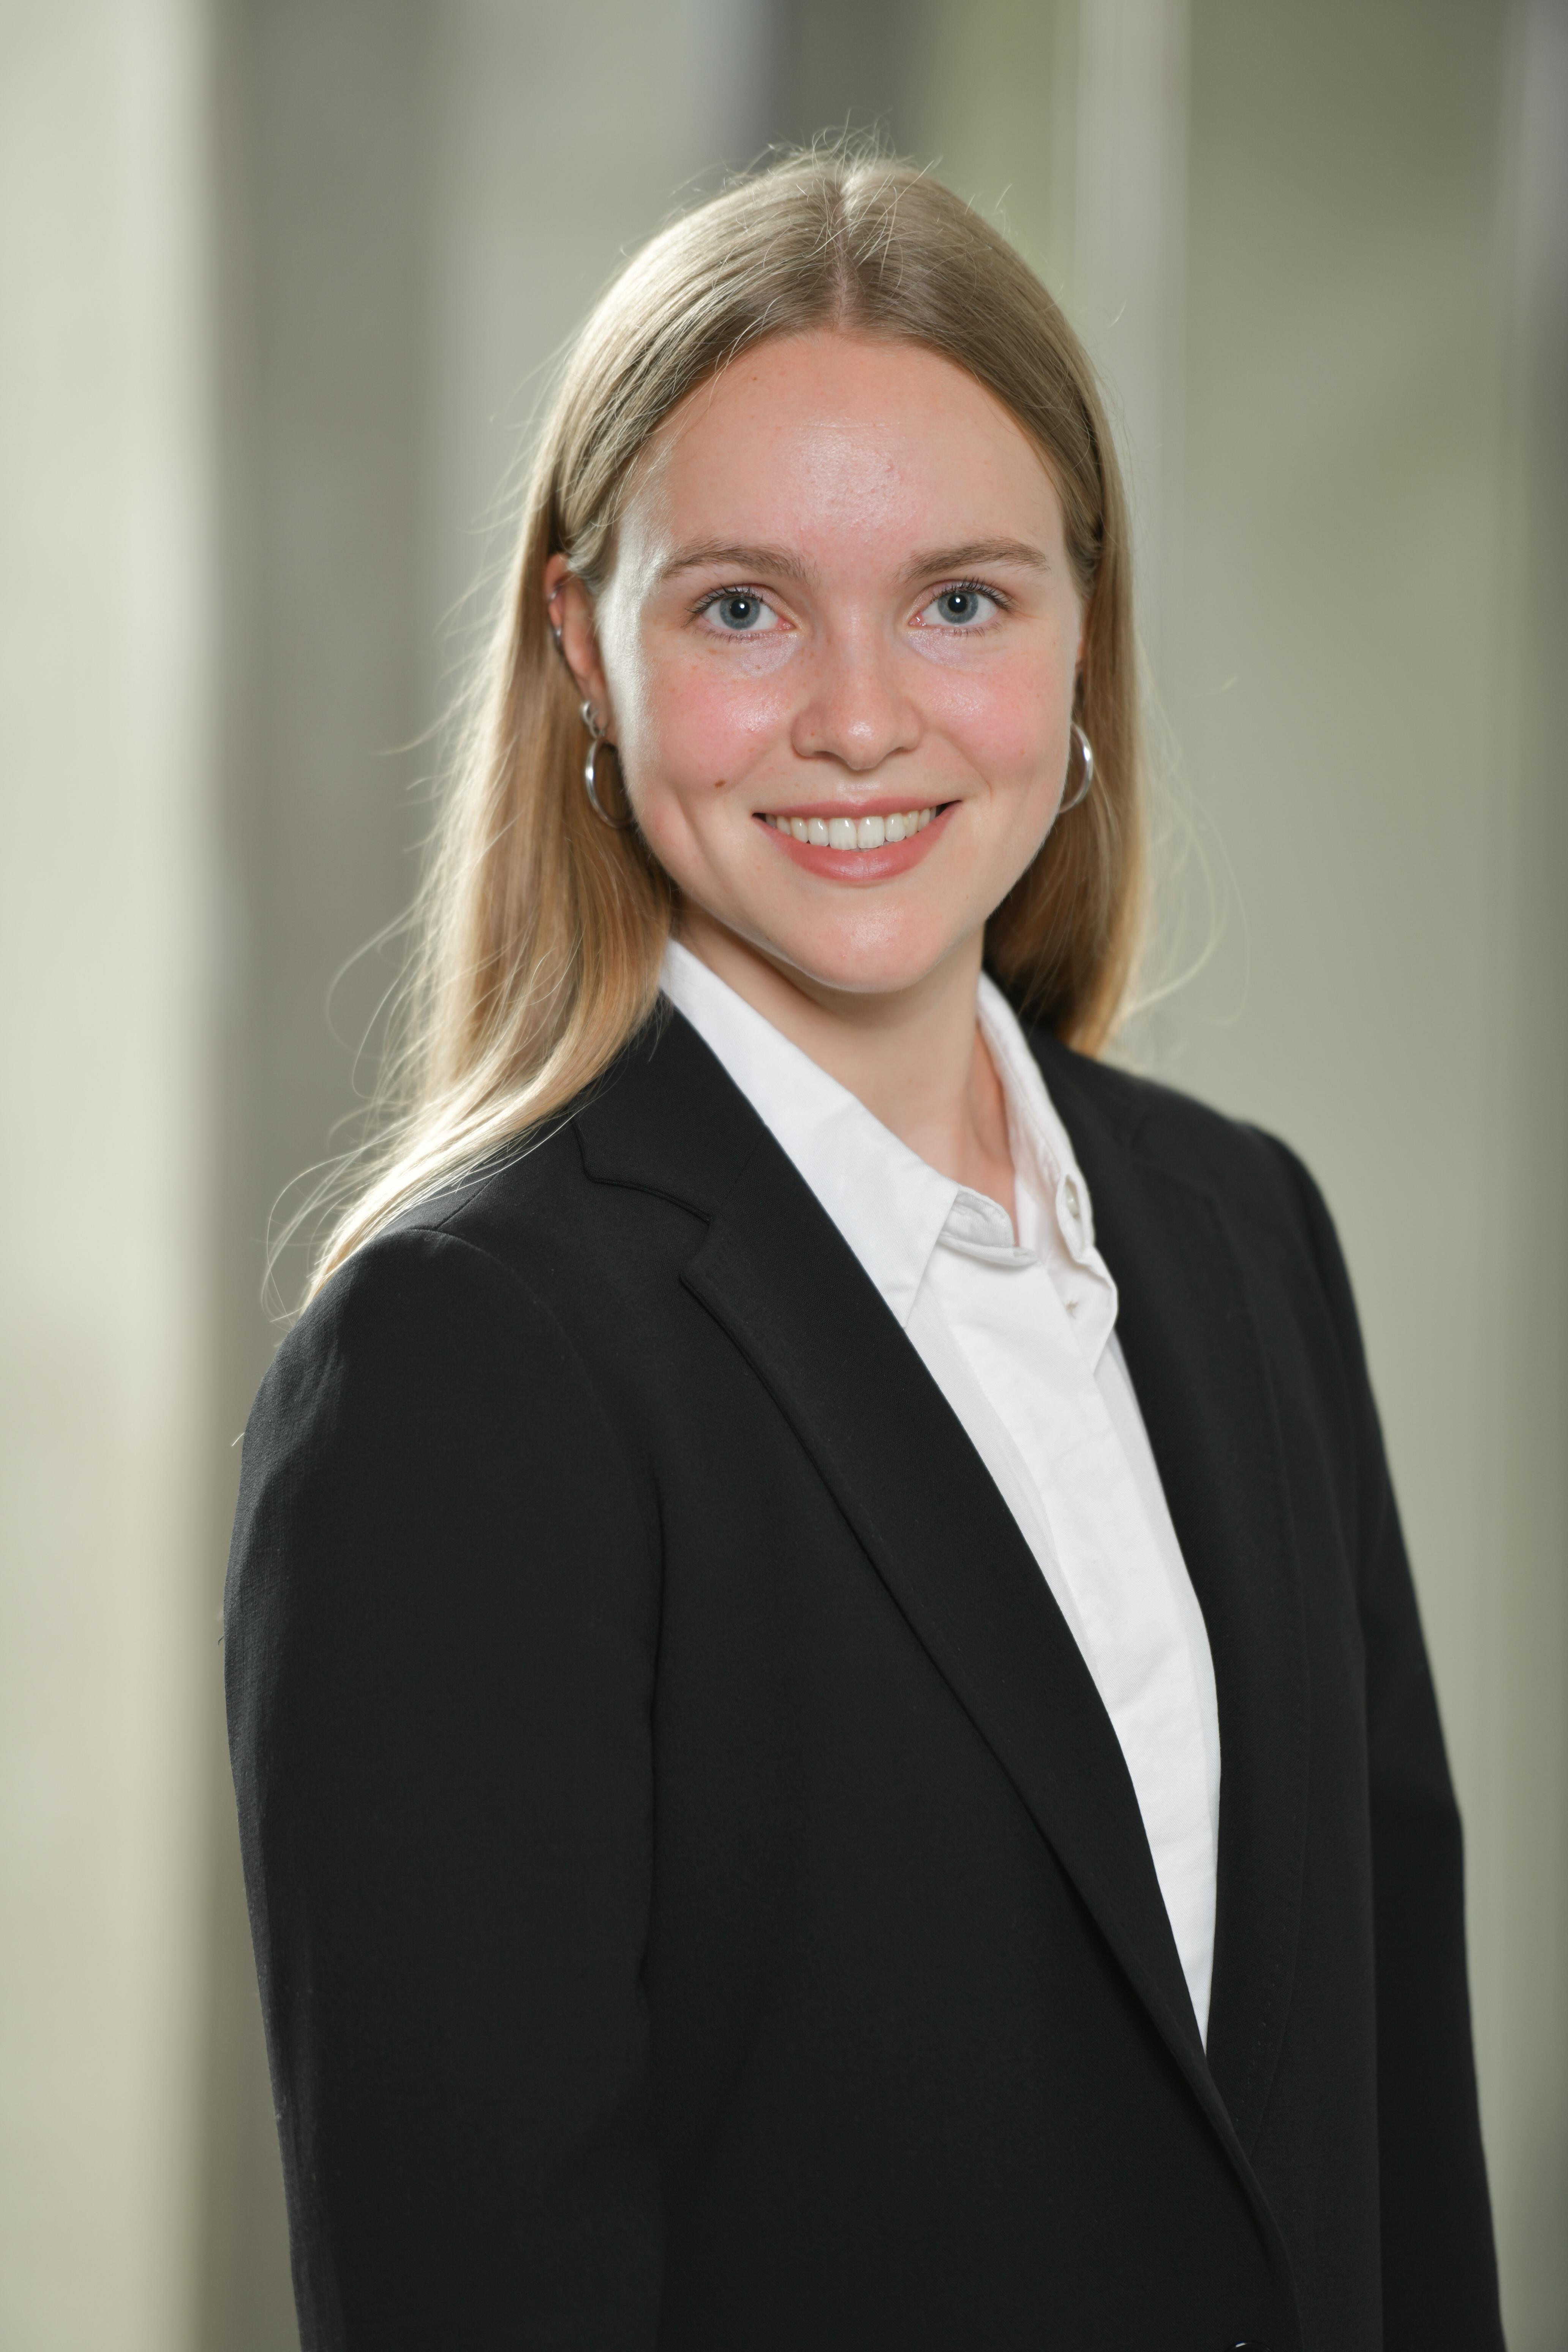 Molitor Mitarbeiter Paula Schneider